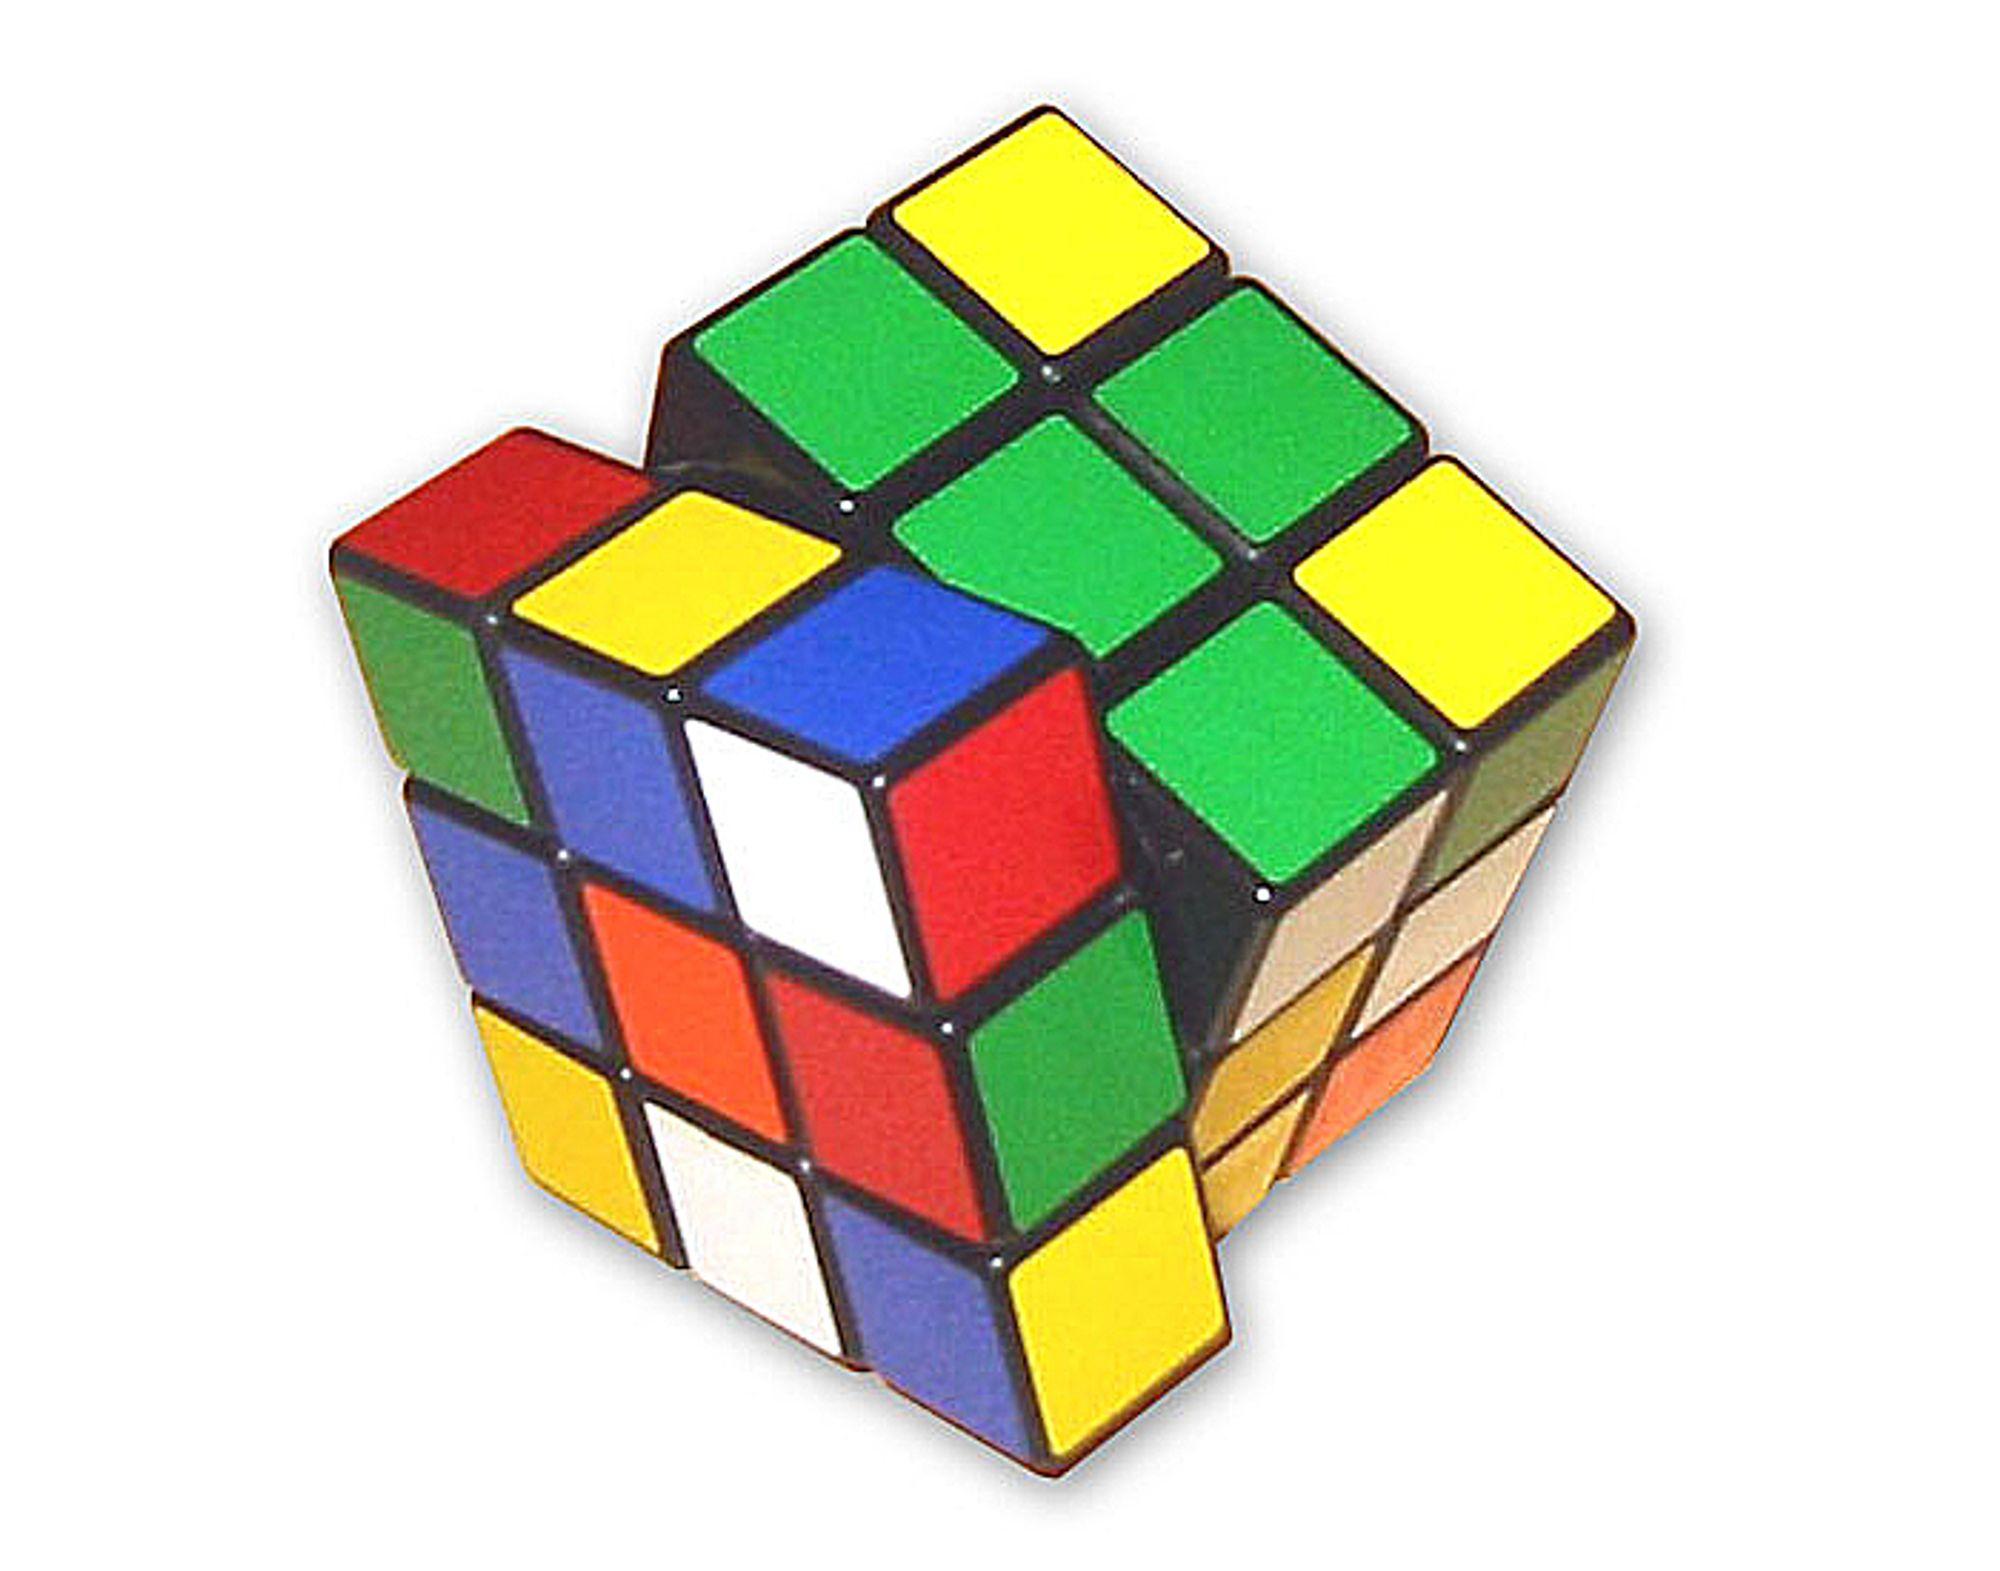 Hvor mange rotasjoner trenger du for å løse Rubiks kube?